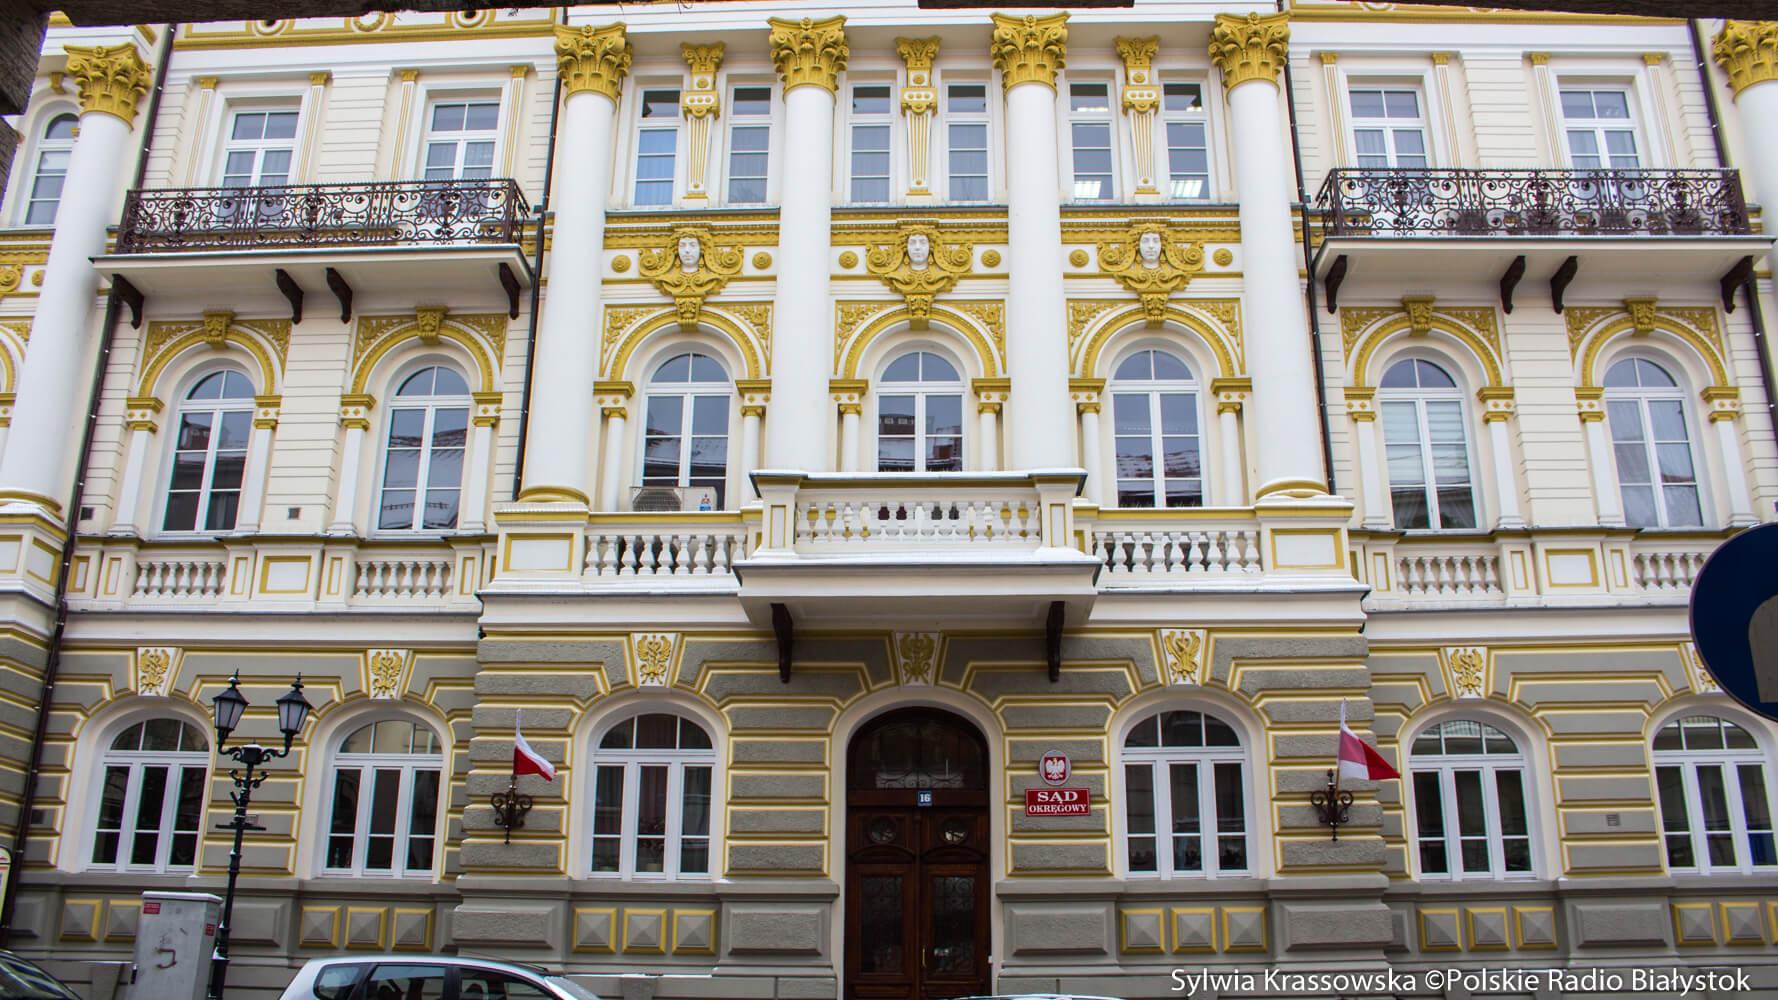 Sąd Okręgowy w Łomży, fot. Sylwia Krassowska